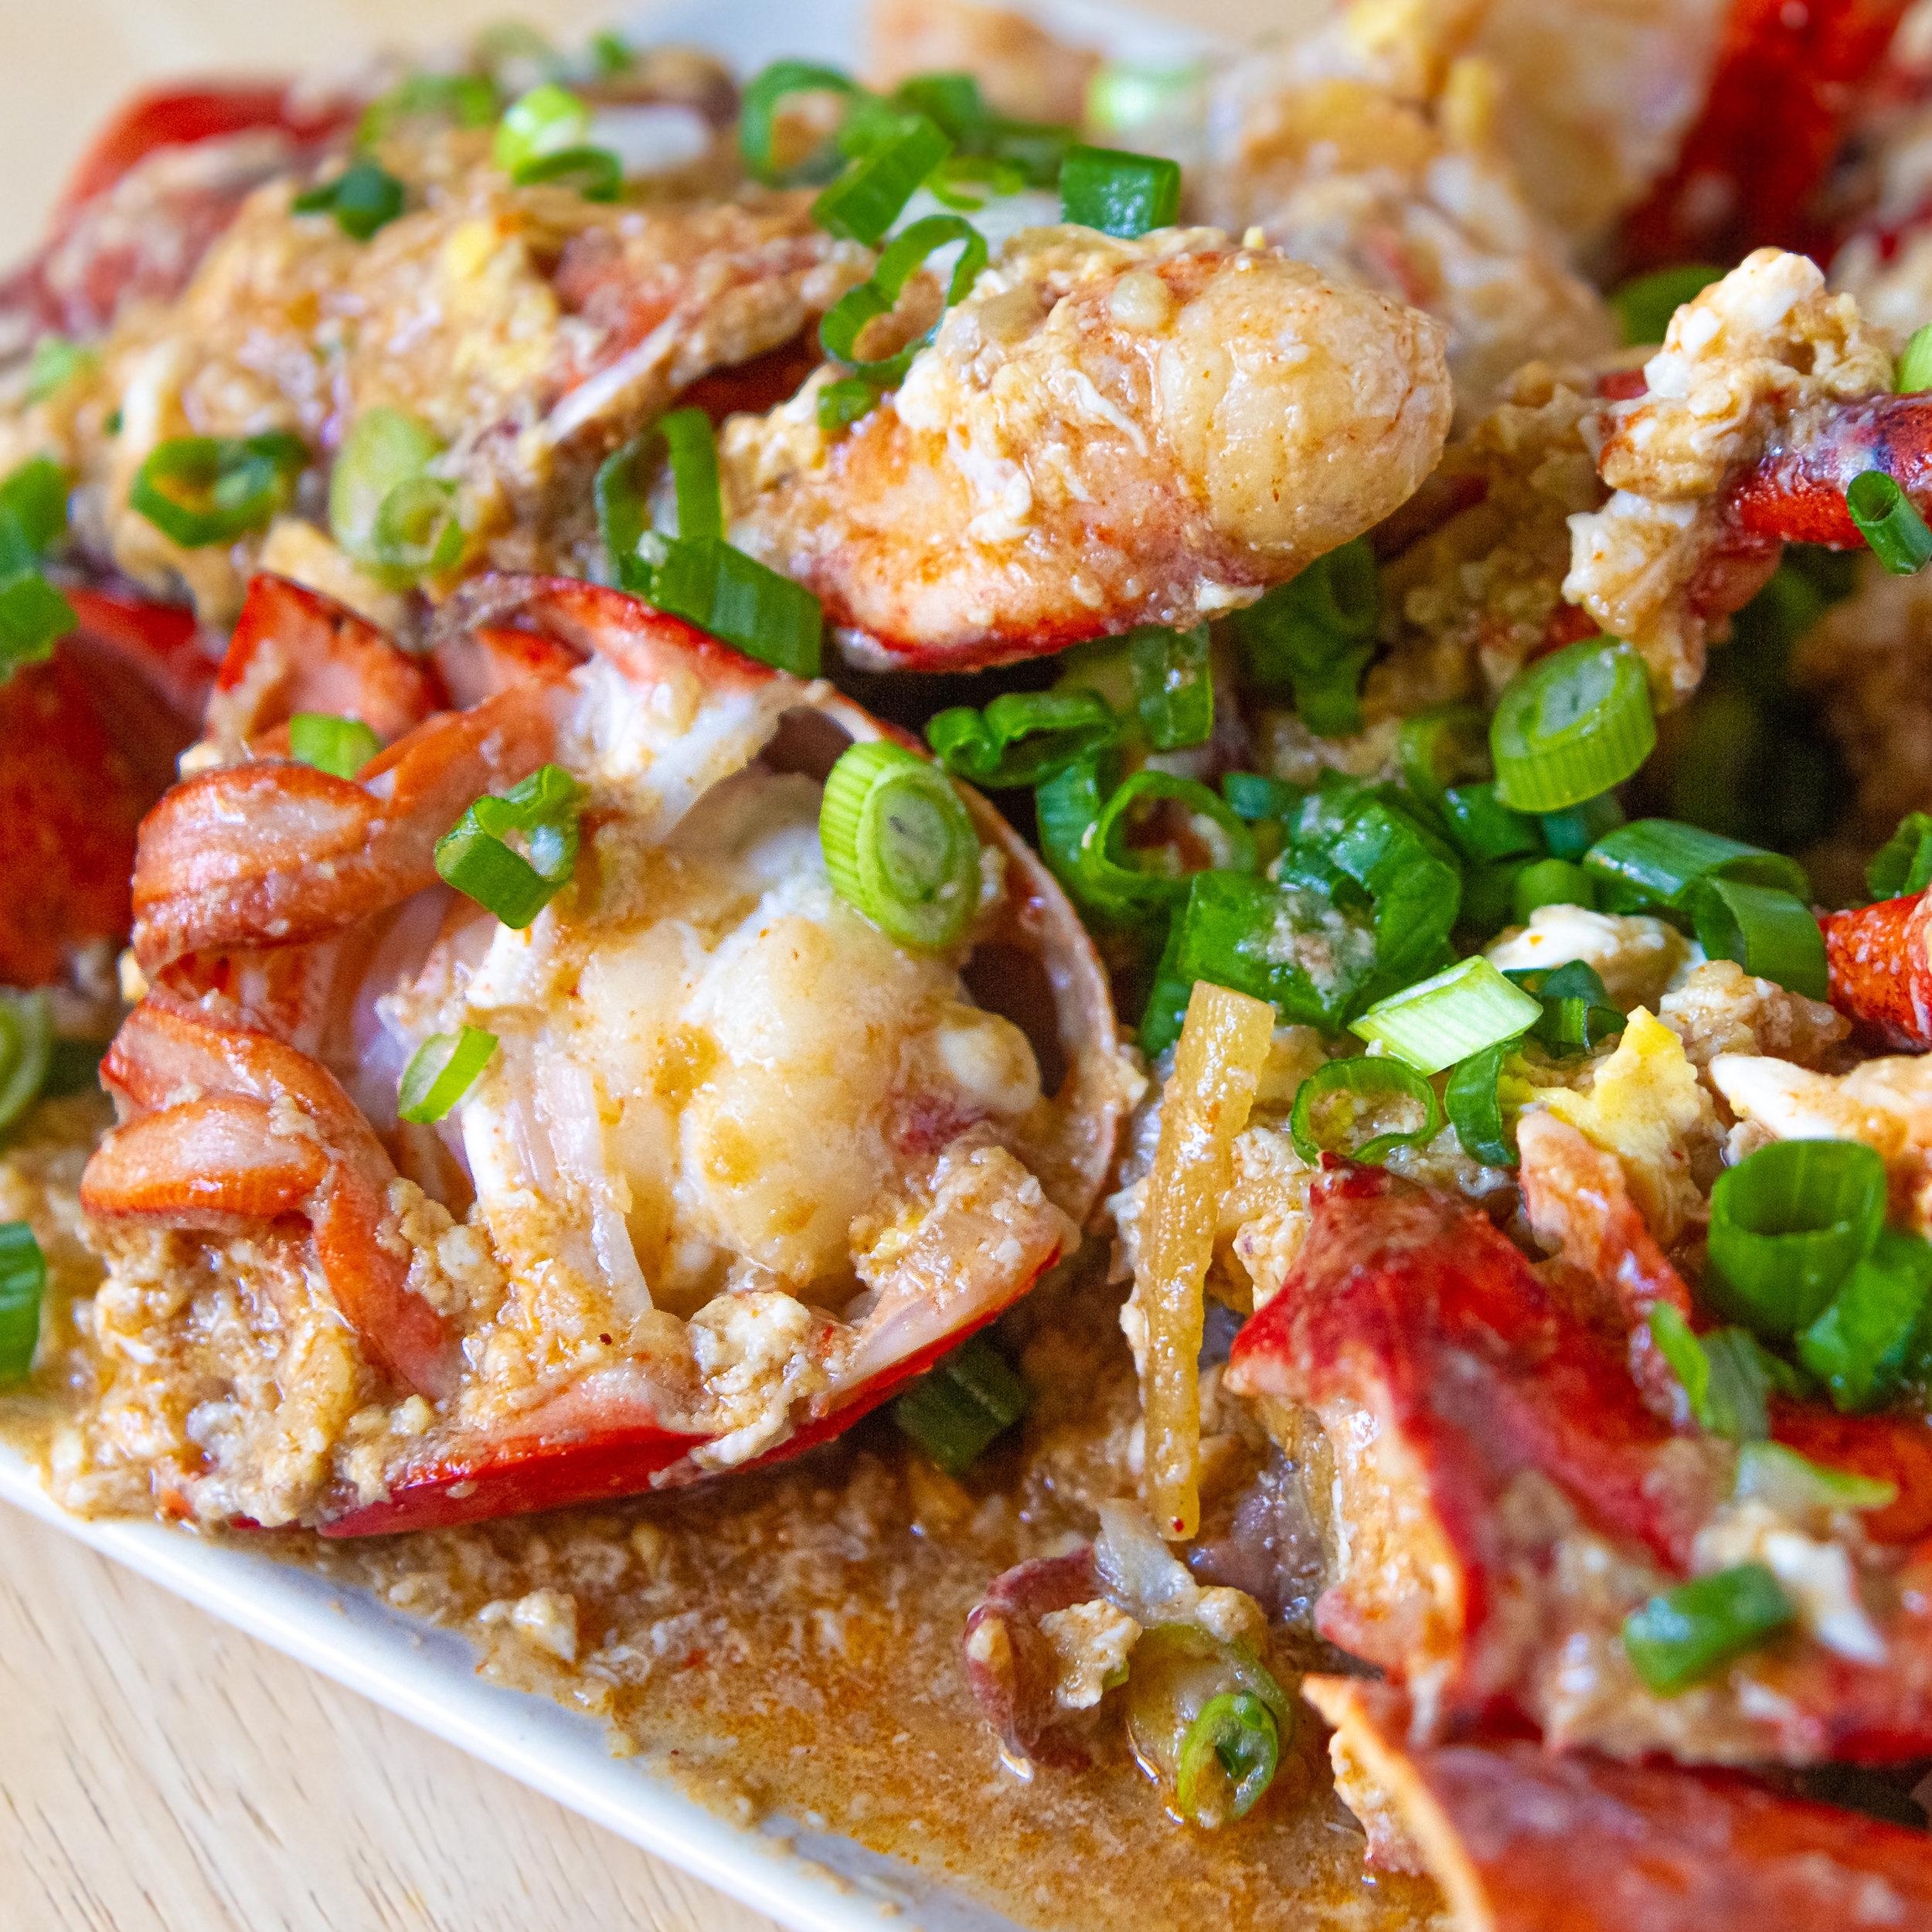 Singaporean Chili Crab / Lobster